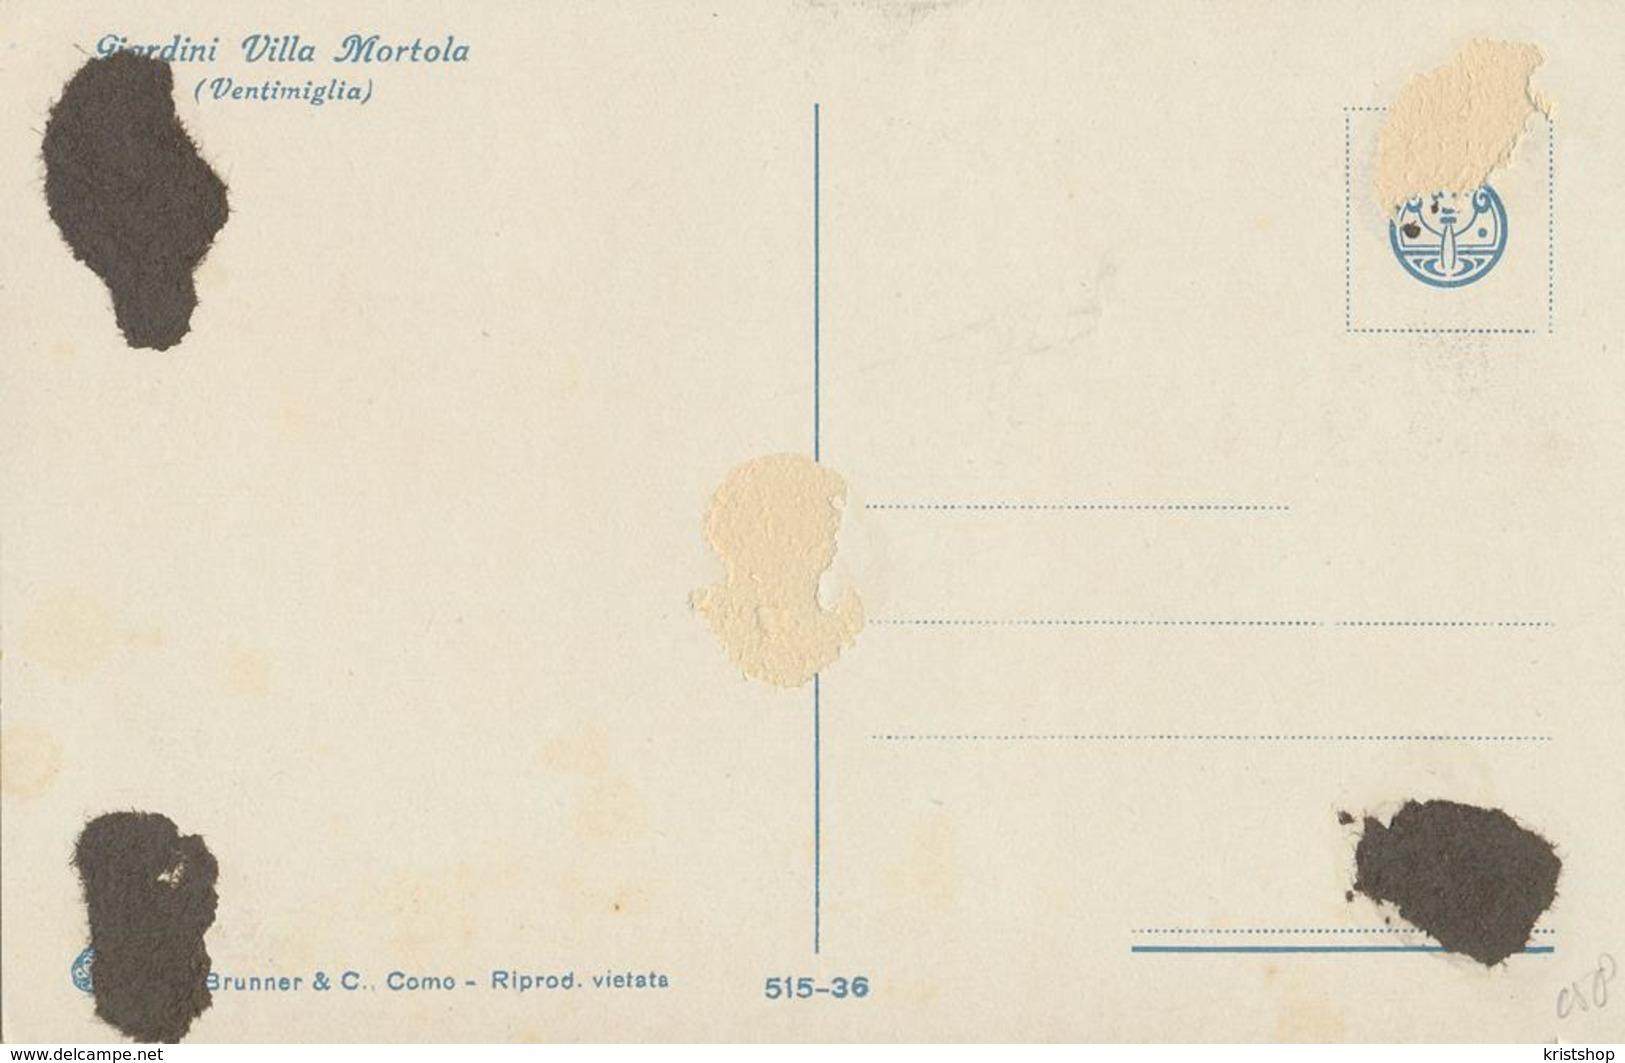 Gardini Villa Mortola [AA20-2.058 - Italie